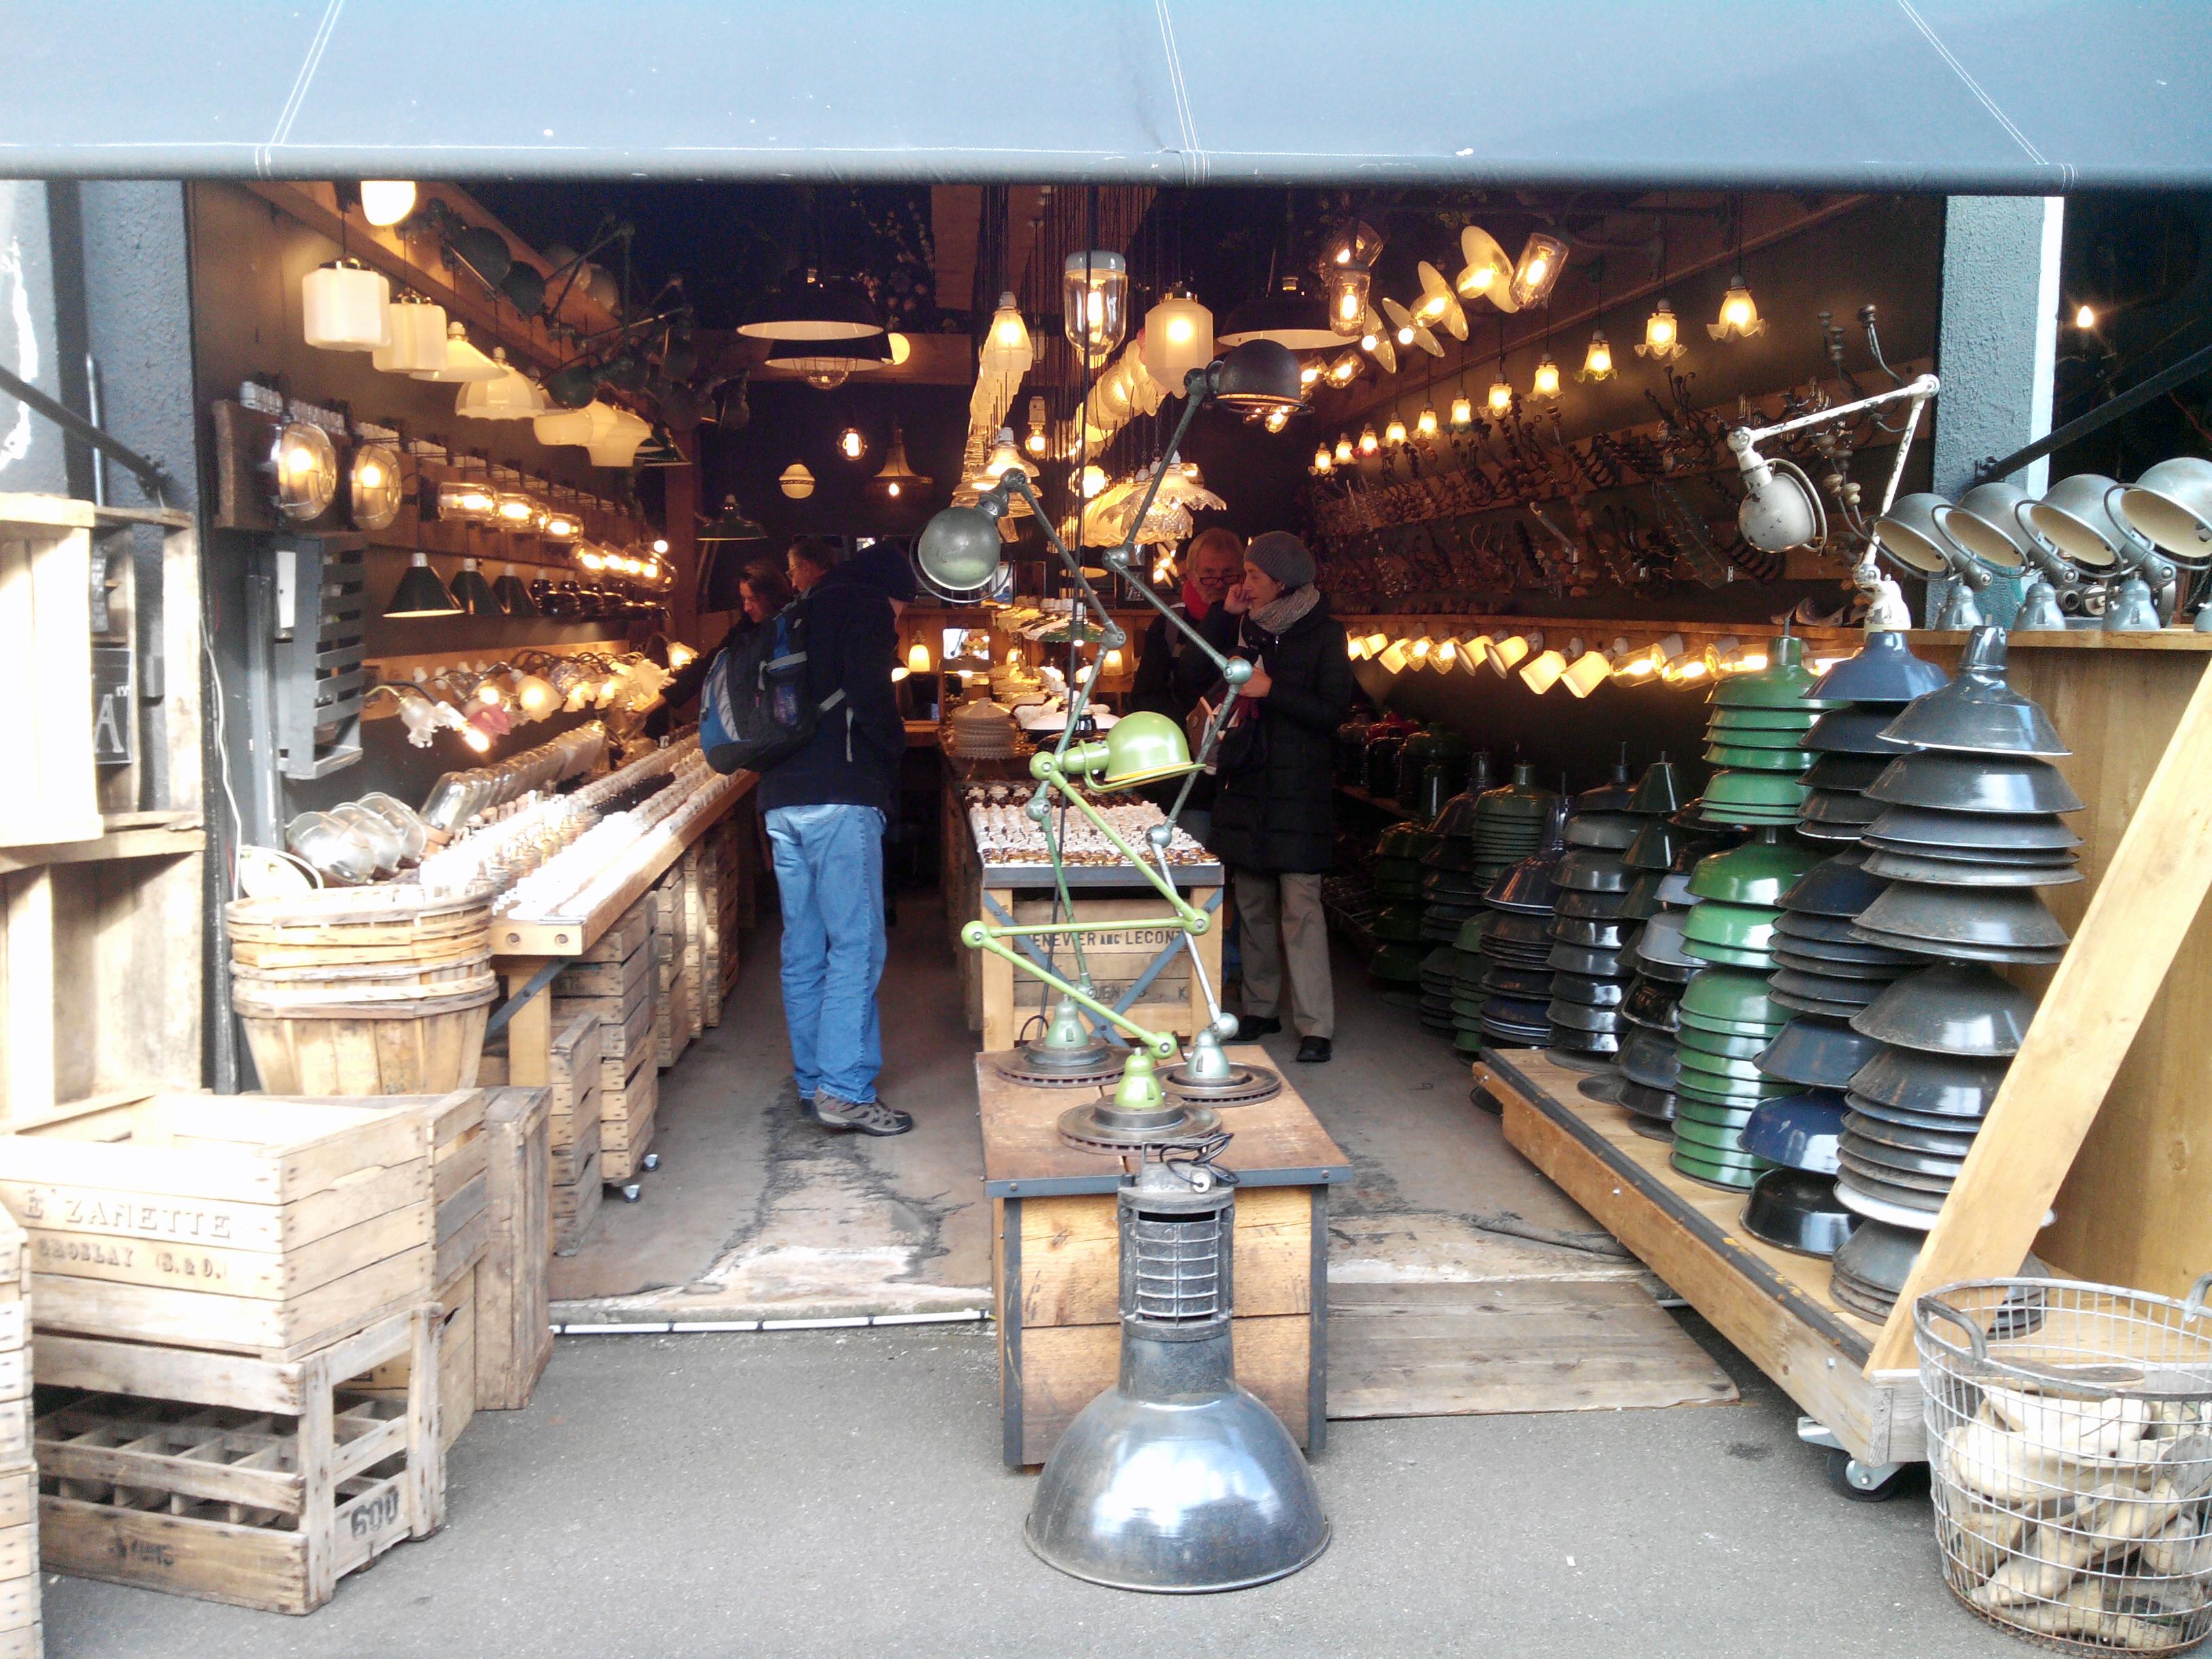 Mercado De Las Pulgas De Dise O Woodies Woodies Muebles  # Muebles Woodies